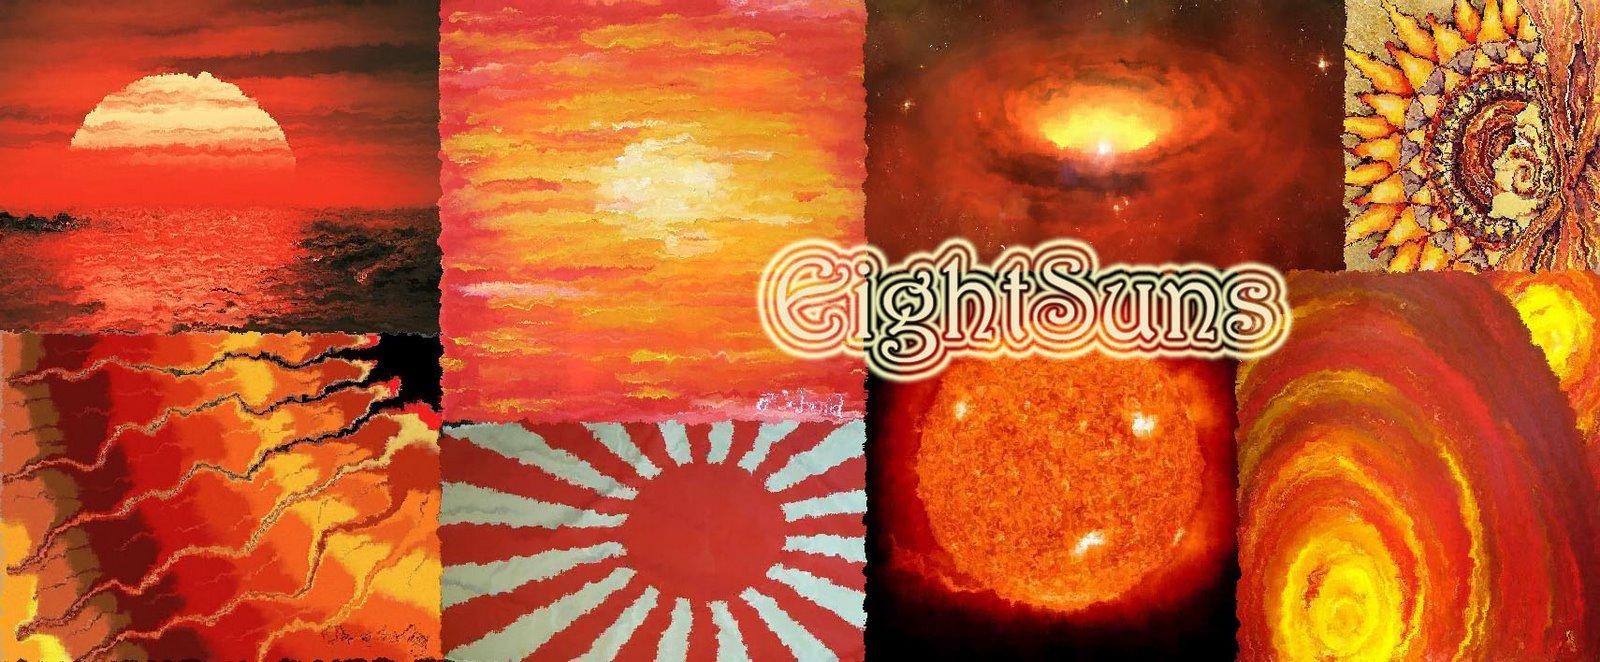 Eight Suns